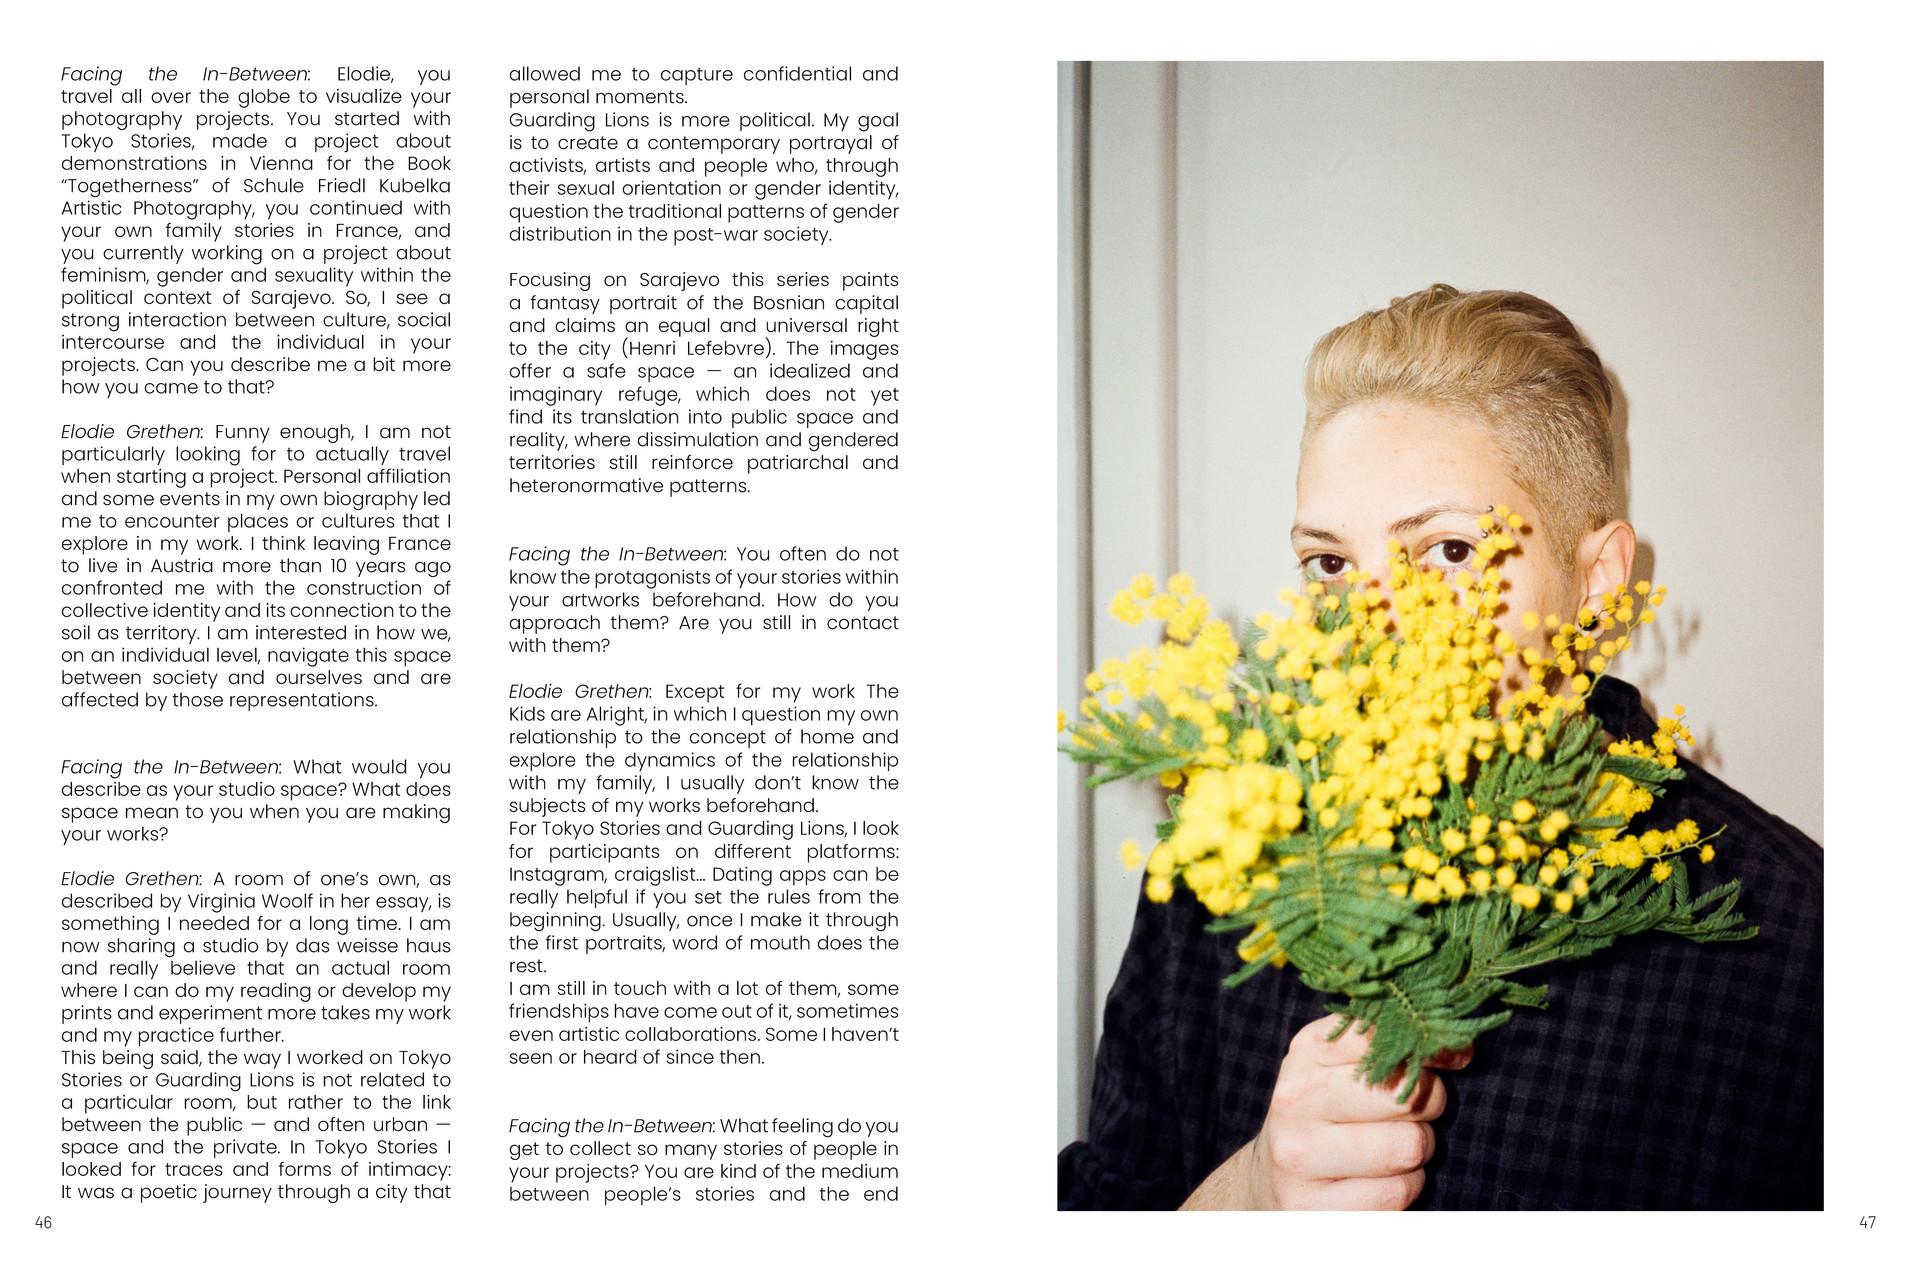 Facingtheinbetween_Magazine24.jpg